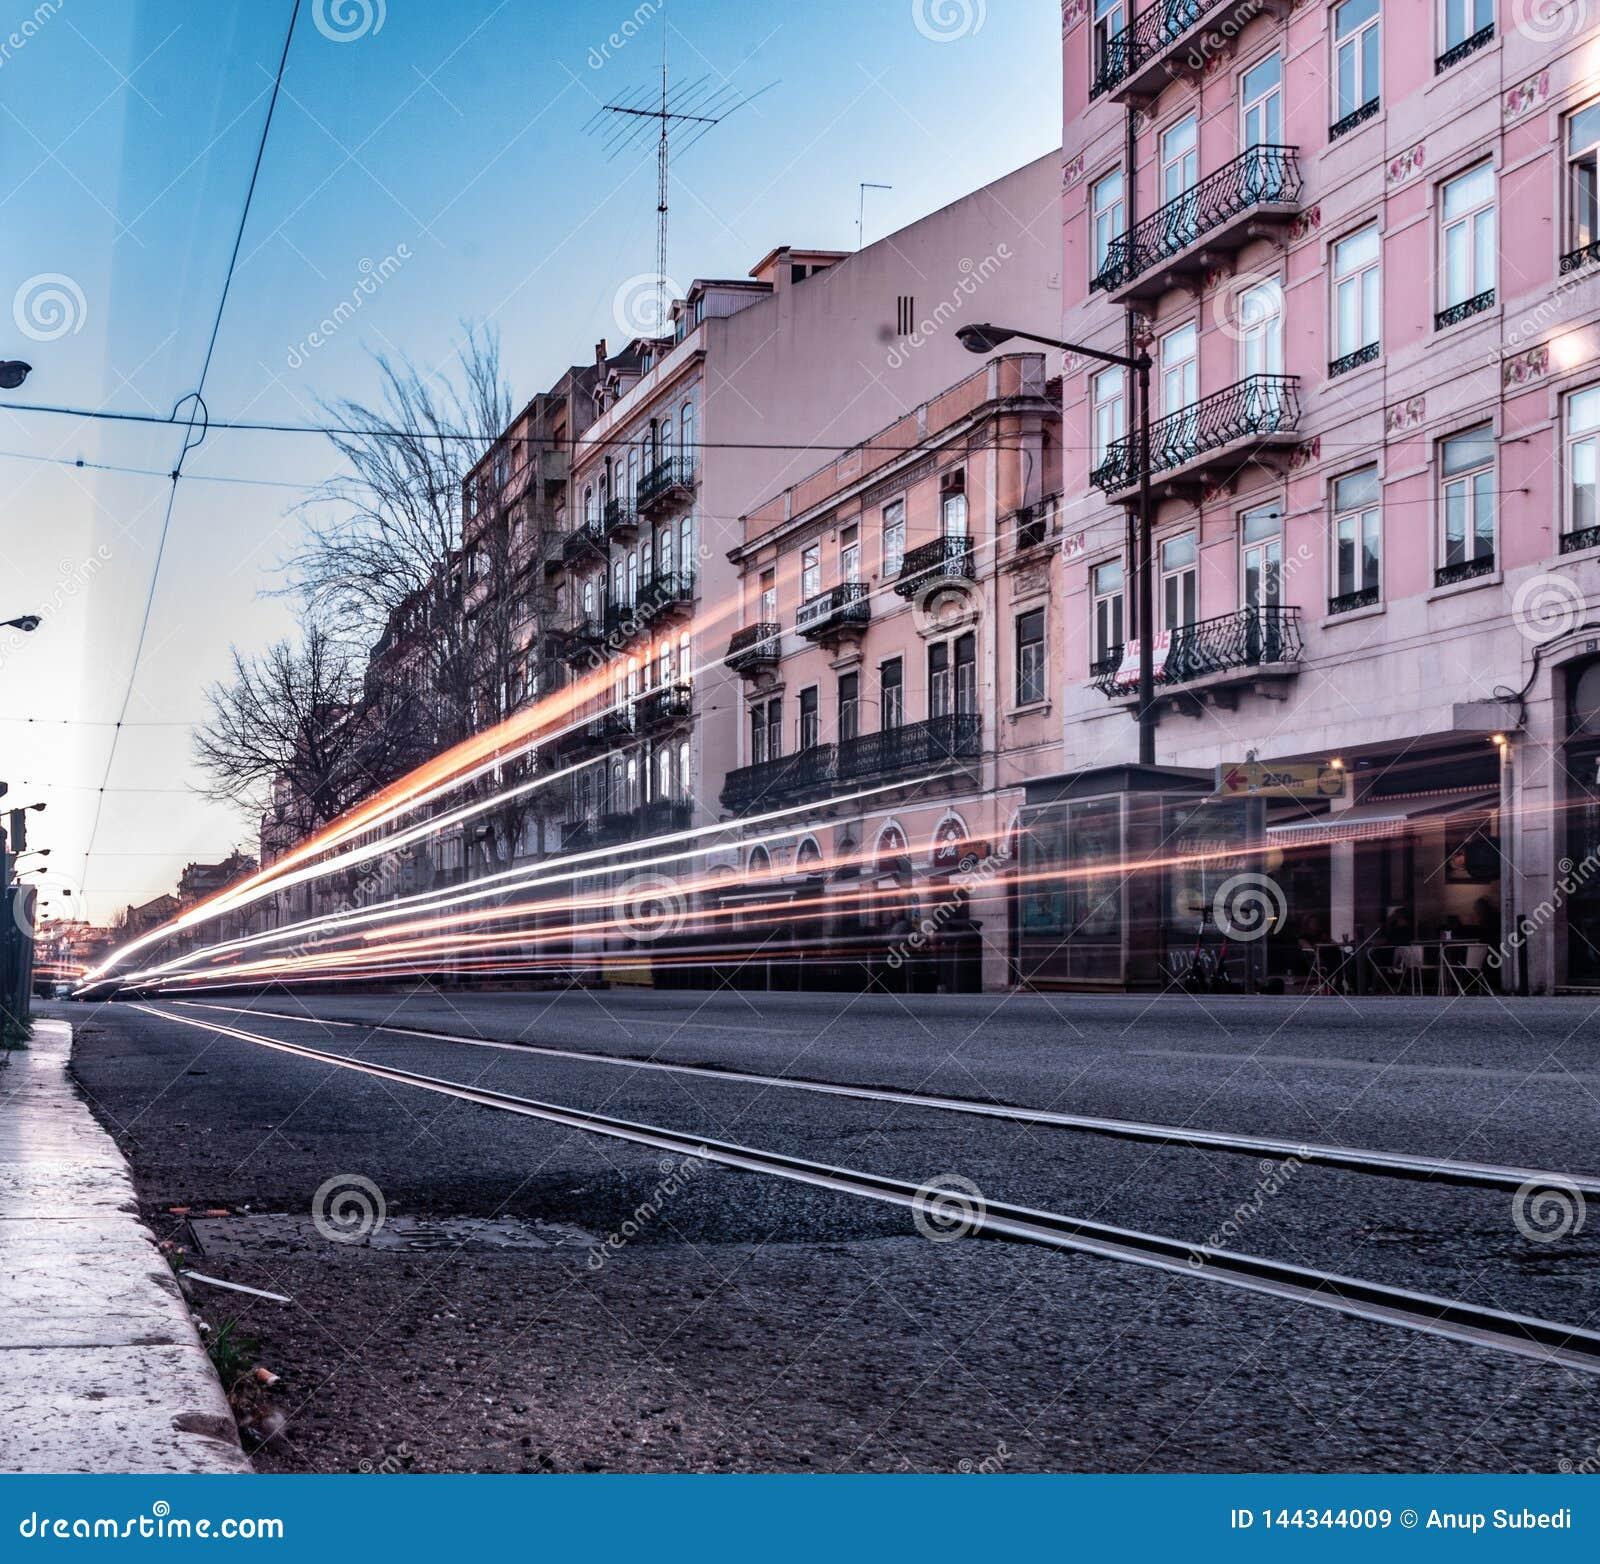 Avenida Almirante Reis, langes Belichtungsfoto Lissabons